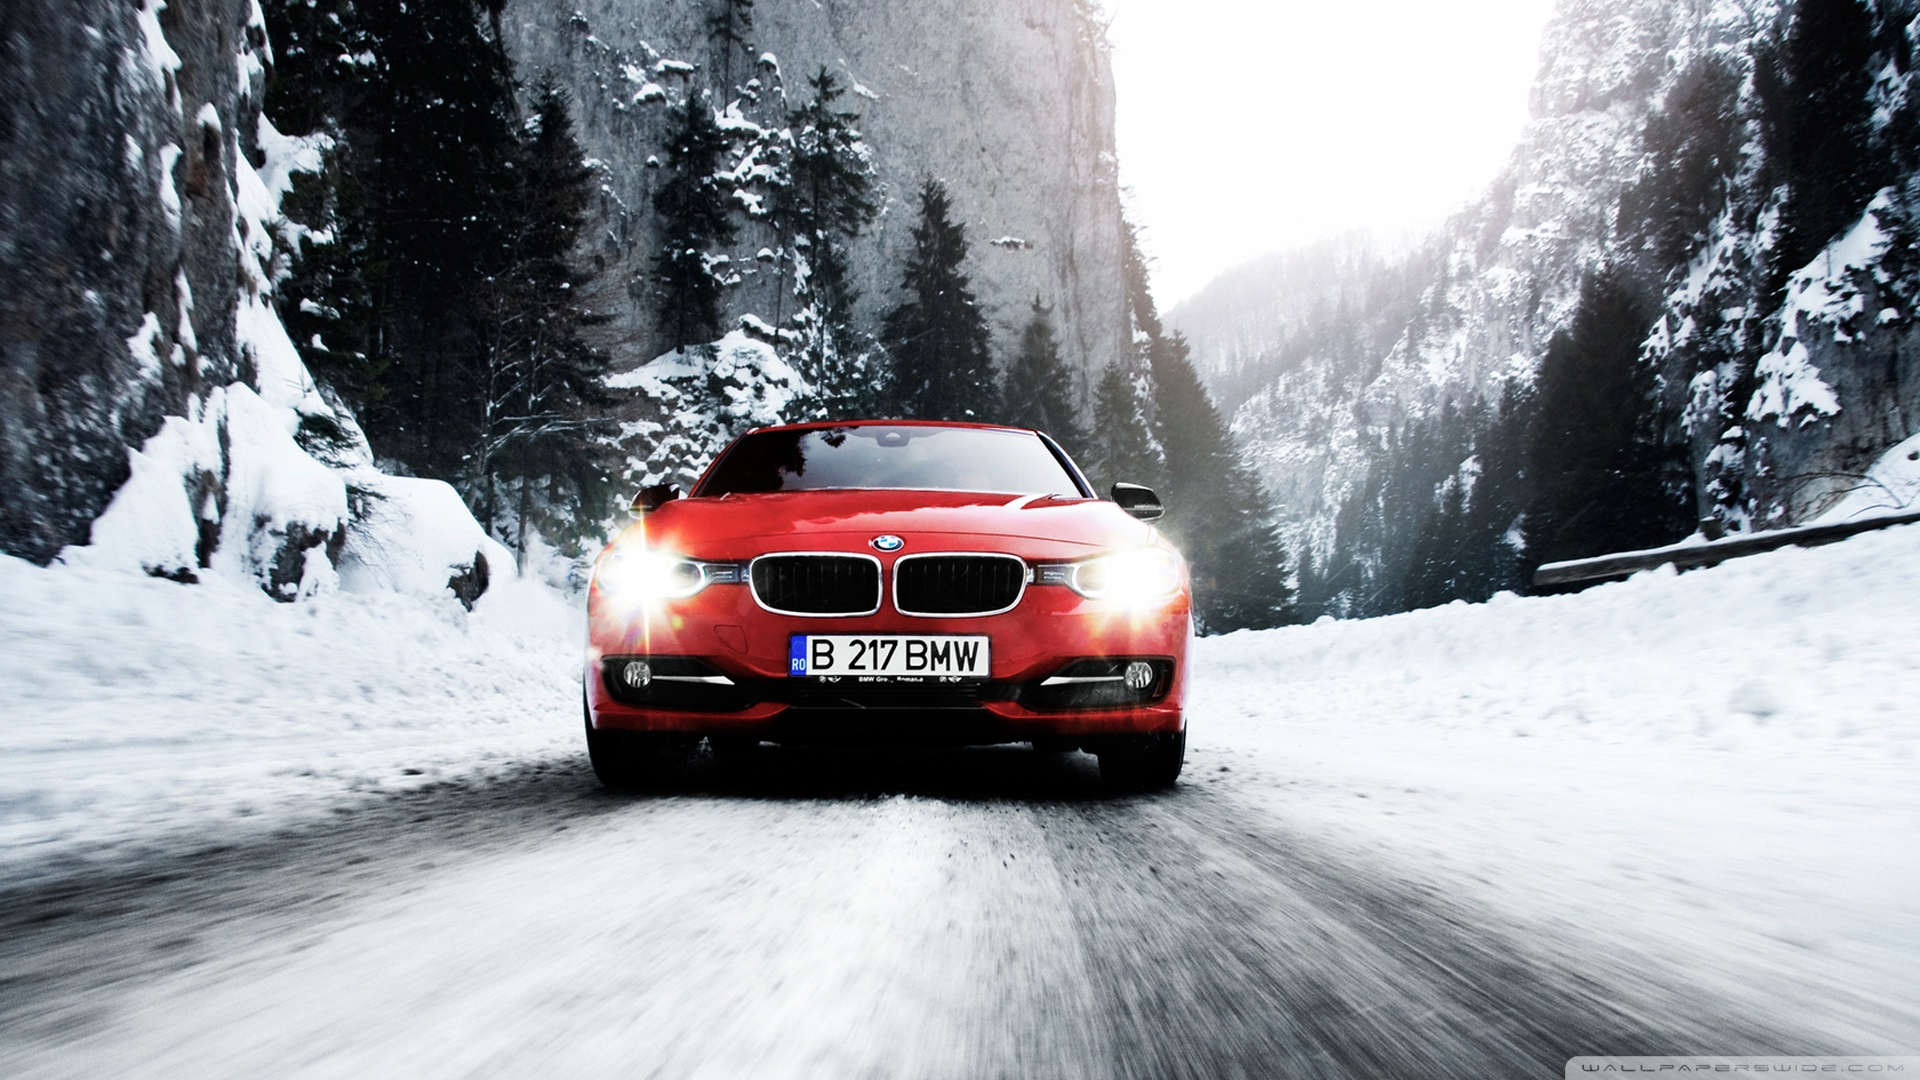 графика автомобиль красный спортивный снег зима загрузить